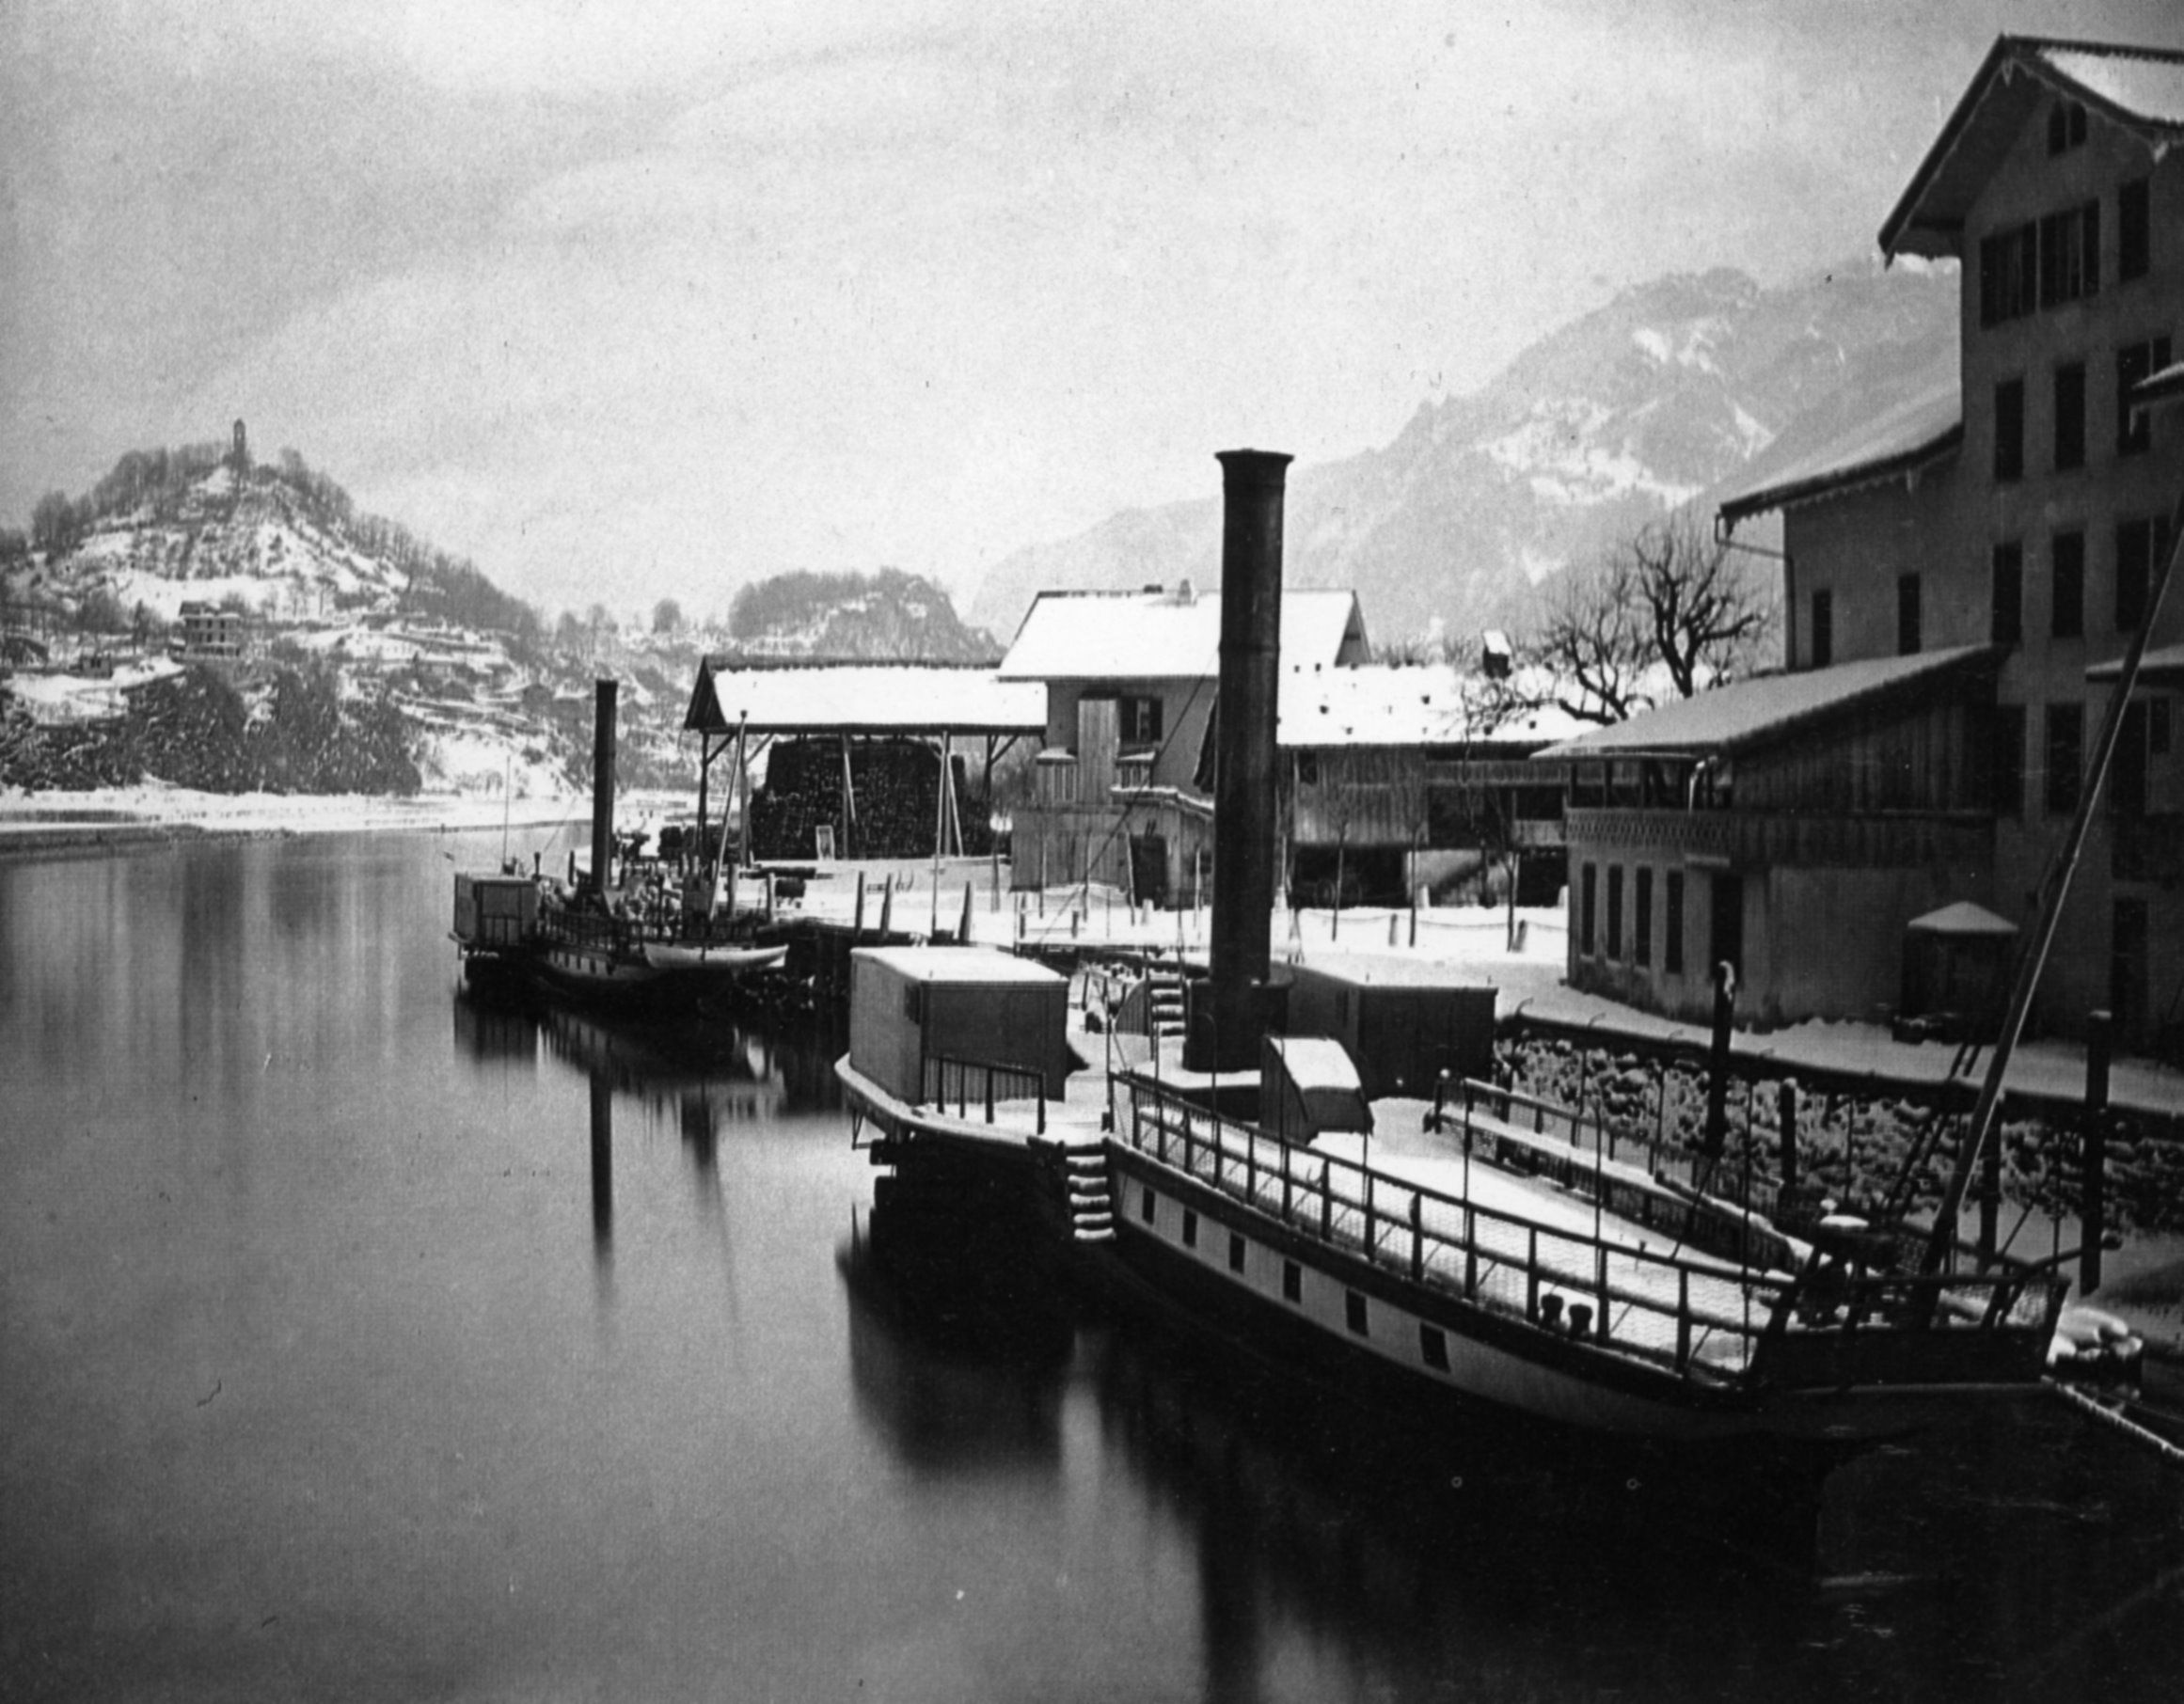 1860 1870 Adolphe Braun Vapeurs Sur Le Lac  Mouillage D Hiver  Suisse éPreuve Au Charbon